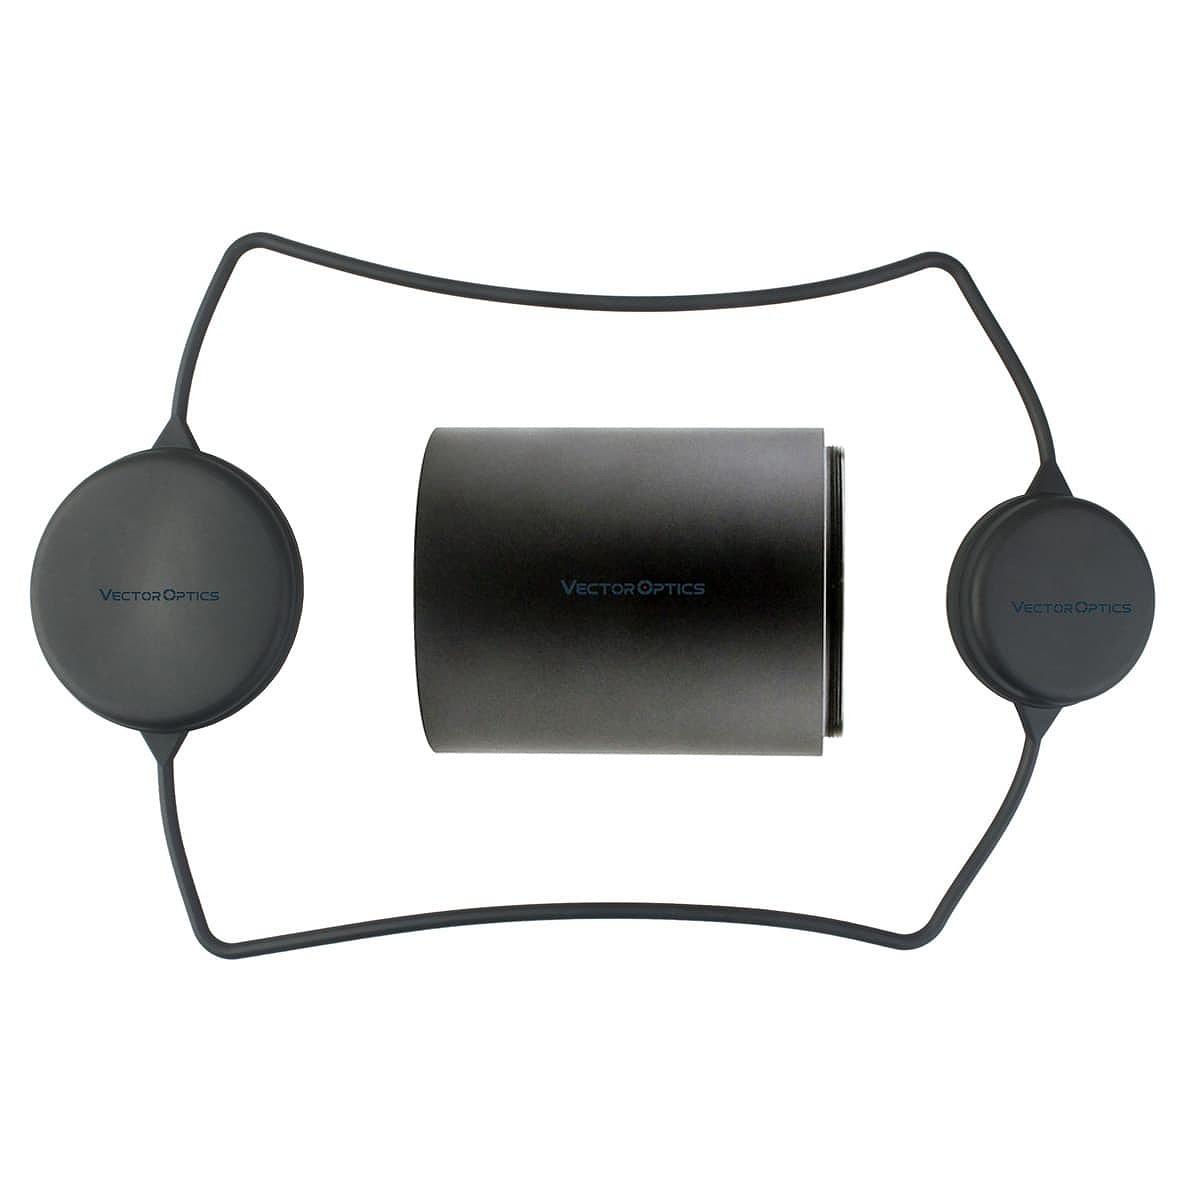 ベクターオプティクス ライフルスコープ Paragon 6-30x56 GenII  Vector Optics SCOL-27